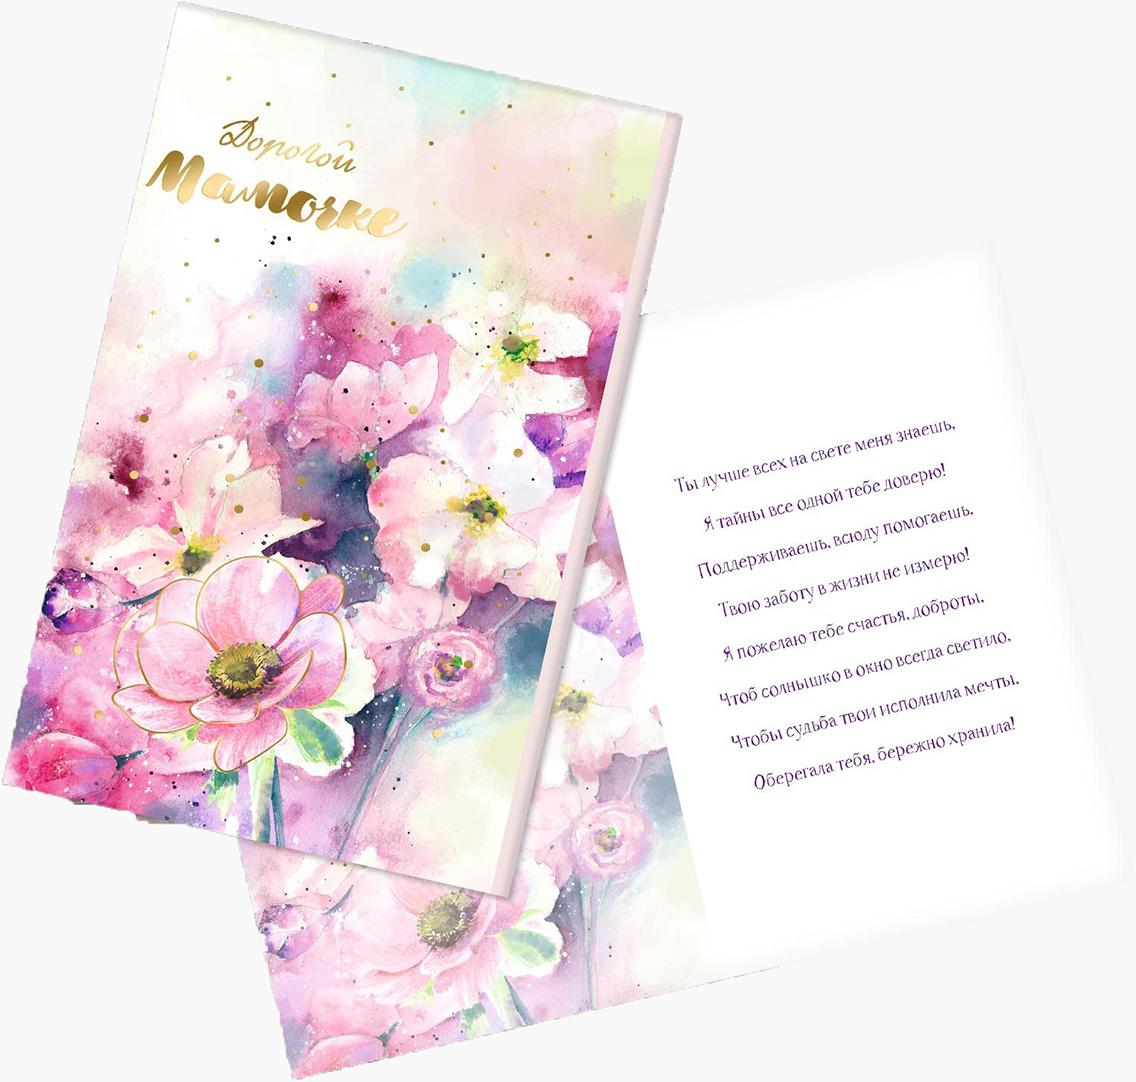 Открытка Дарите Счастье Дорогой мамочке. Акварельное волшебство, с тиснением, 12 х 18 см открытка дарите счастье люби стремись мечтай 12 х 18 см